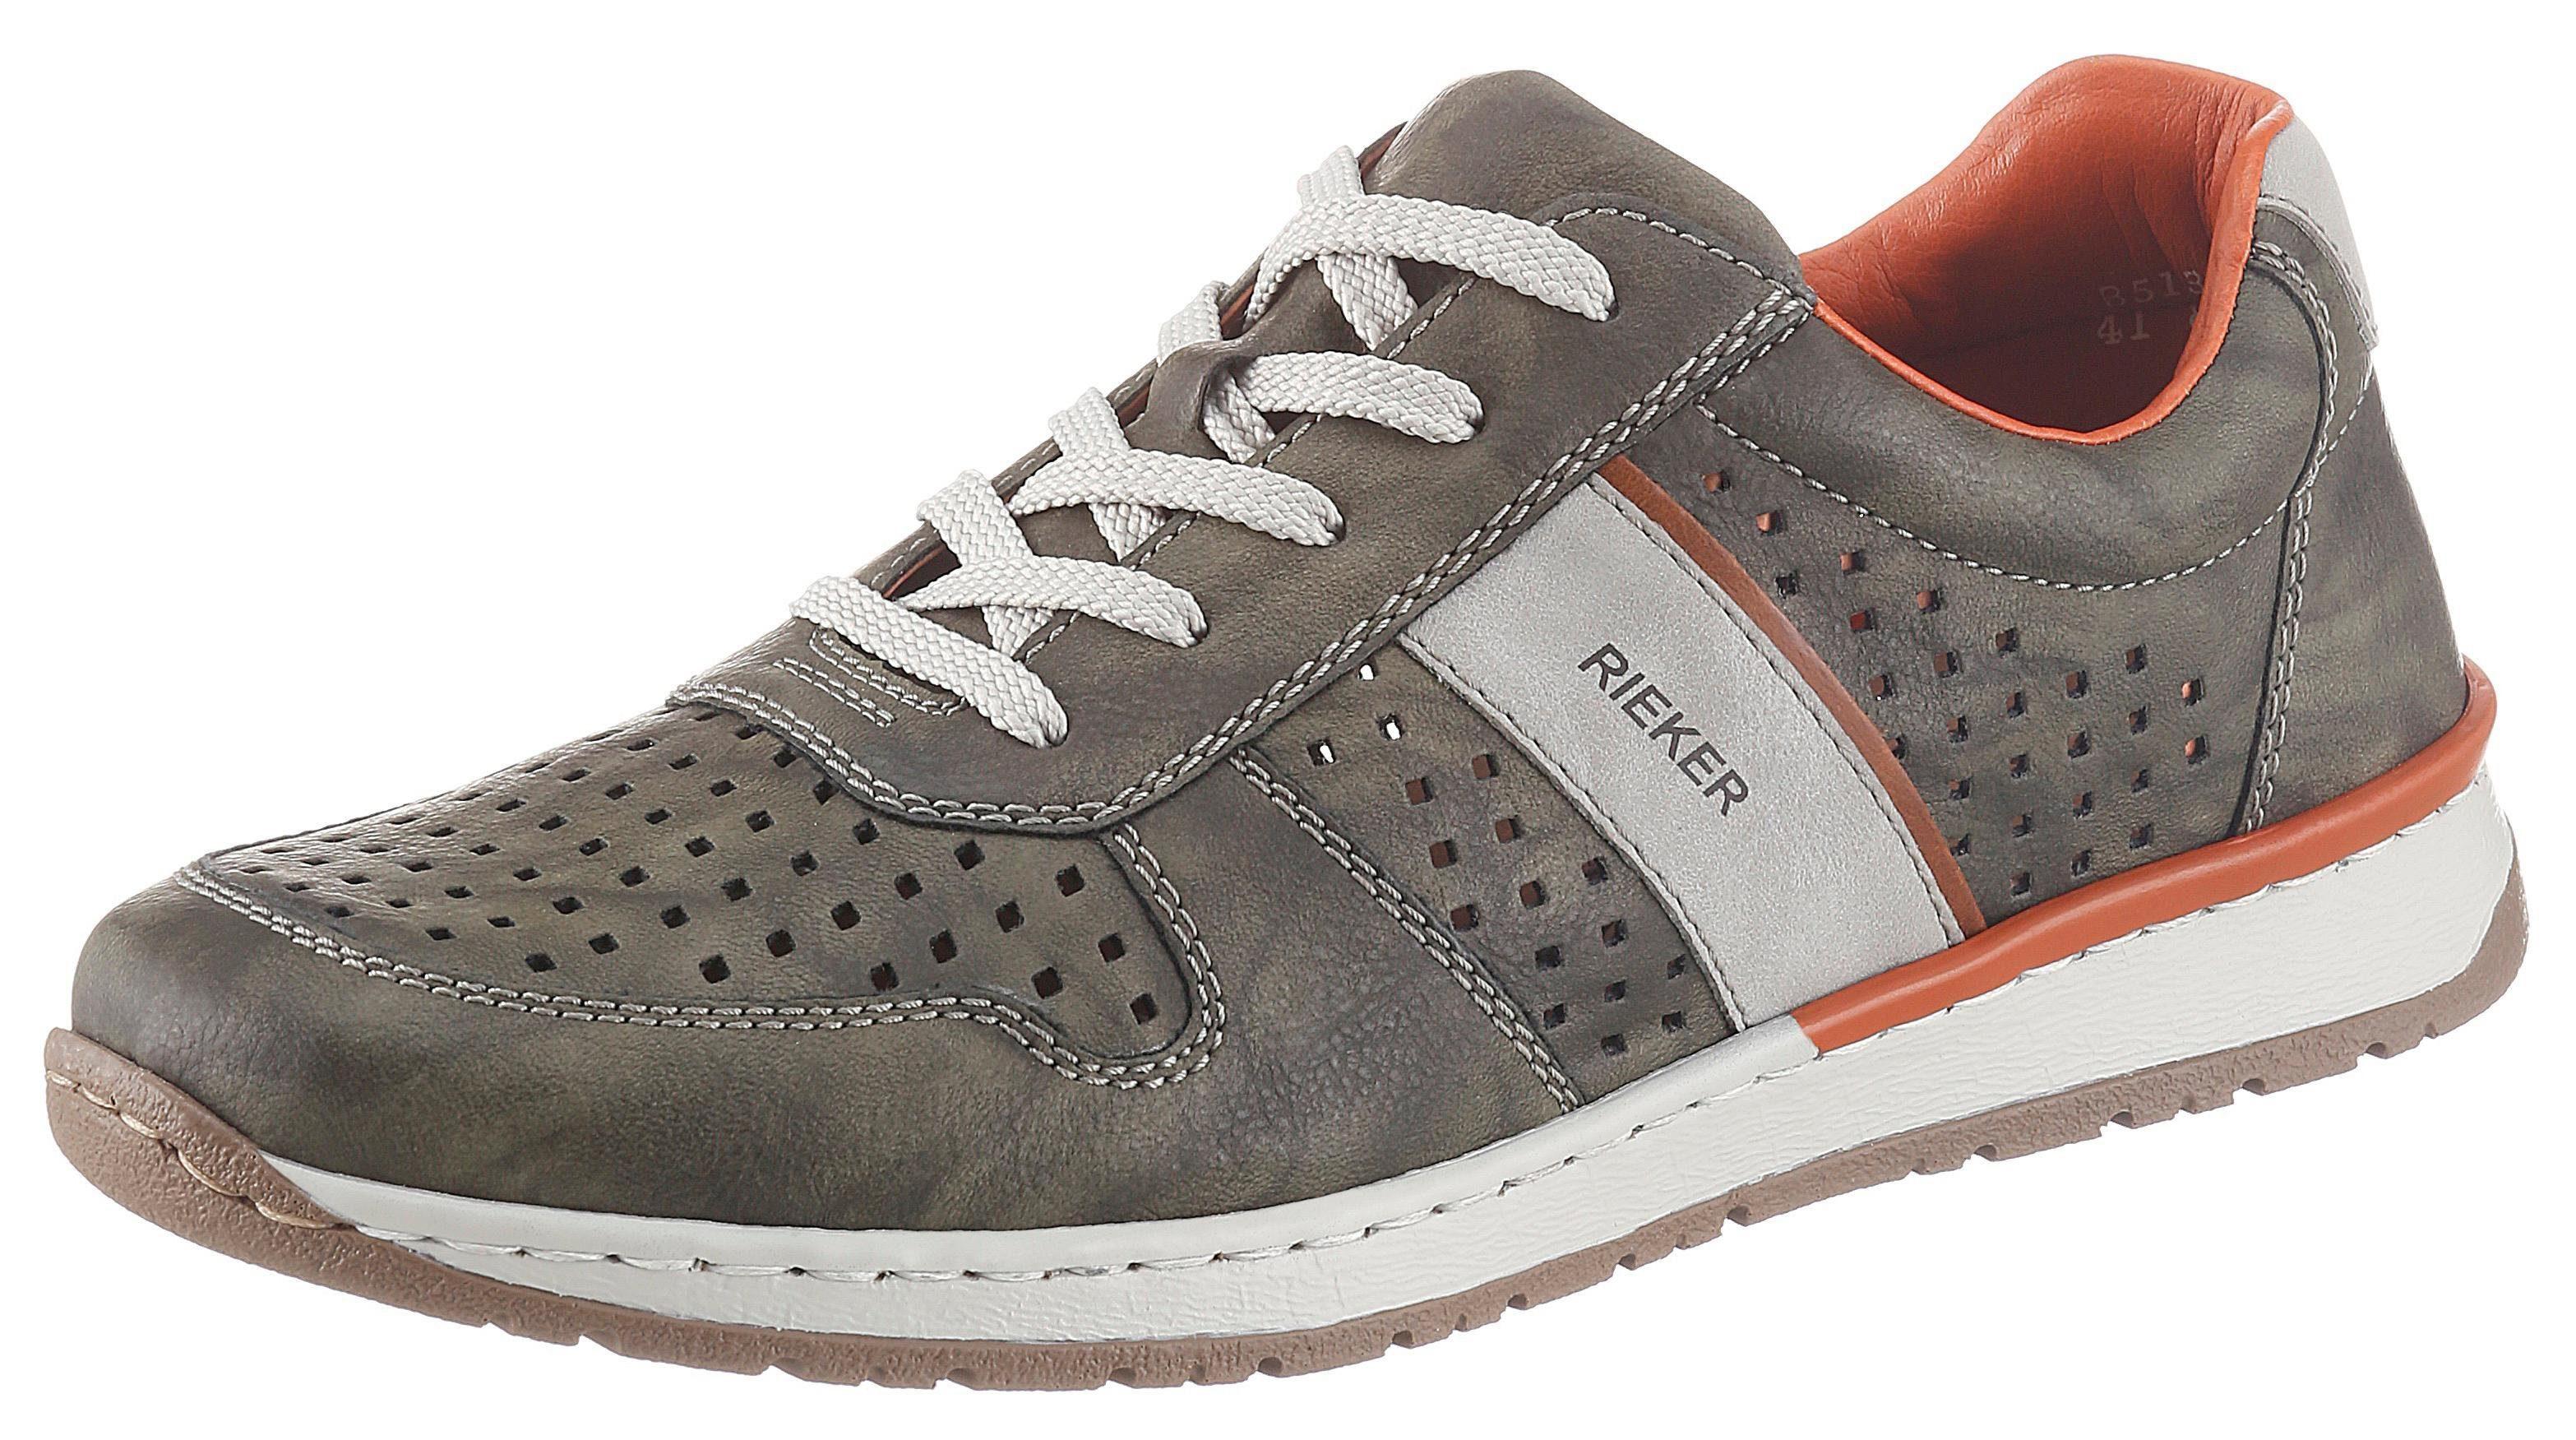 Rieker Sneaker mit modischen Kontrasteinsätzen | OTTO